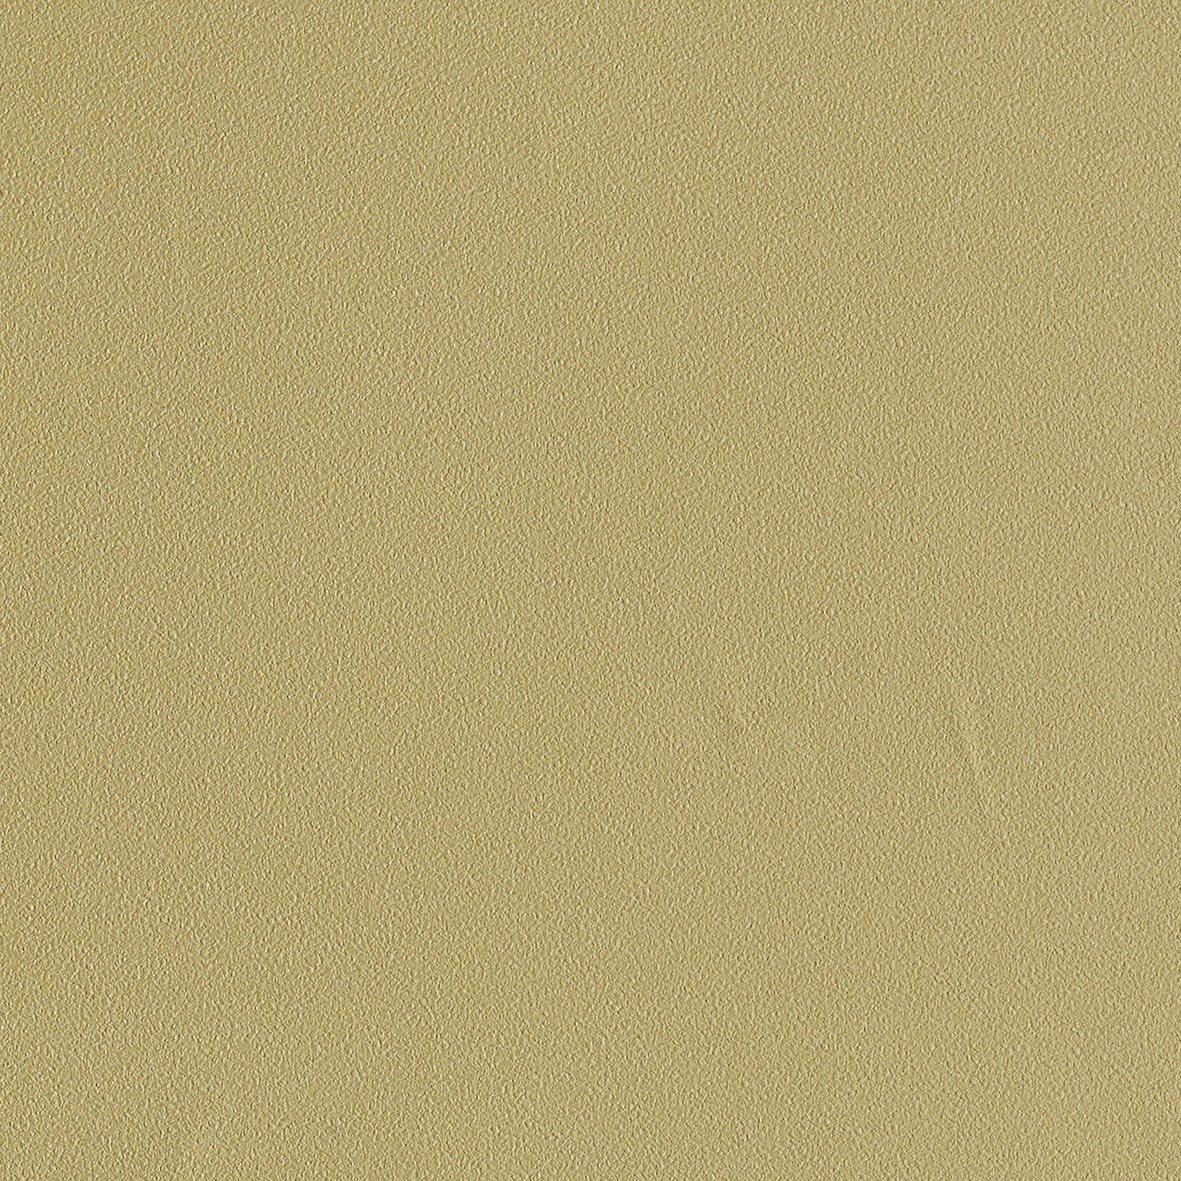 リリカラ 壁紙34m シンフル 石目調 グリーン スーパー強化+汚れ防止 LW-2312 B07611C4VW 34m|グリーン1